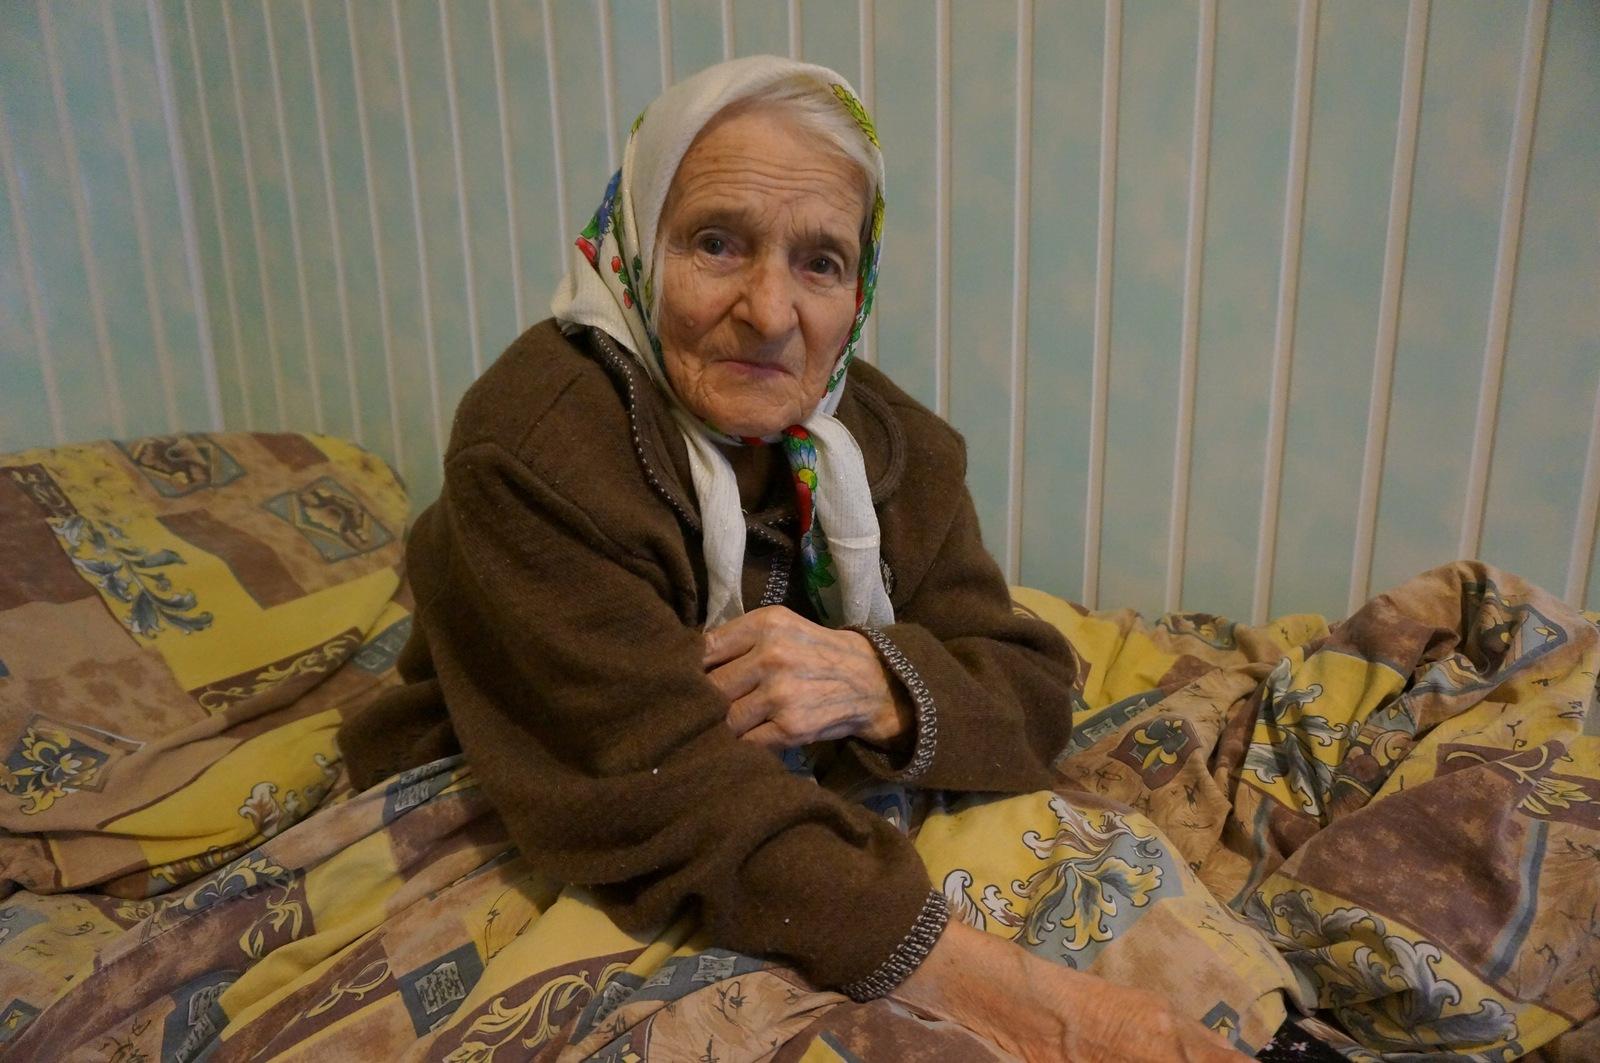 Как отправить бабушку в дом престарелых без согласия дом престарелых в пушкине ленинградской области